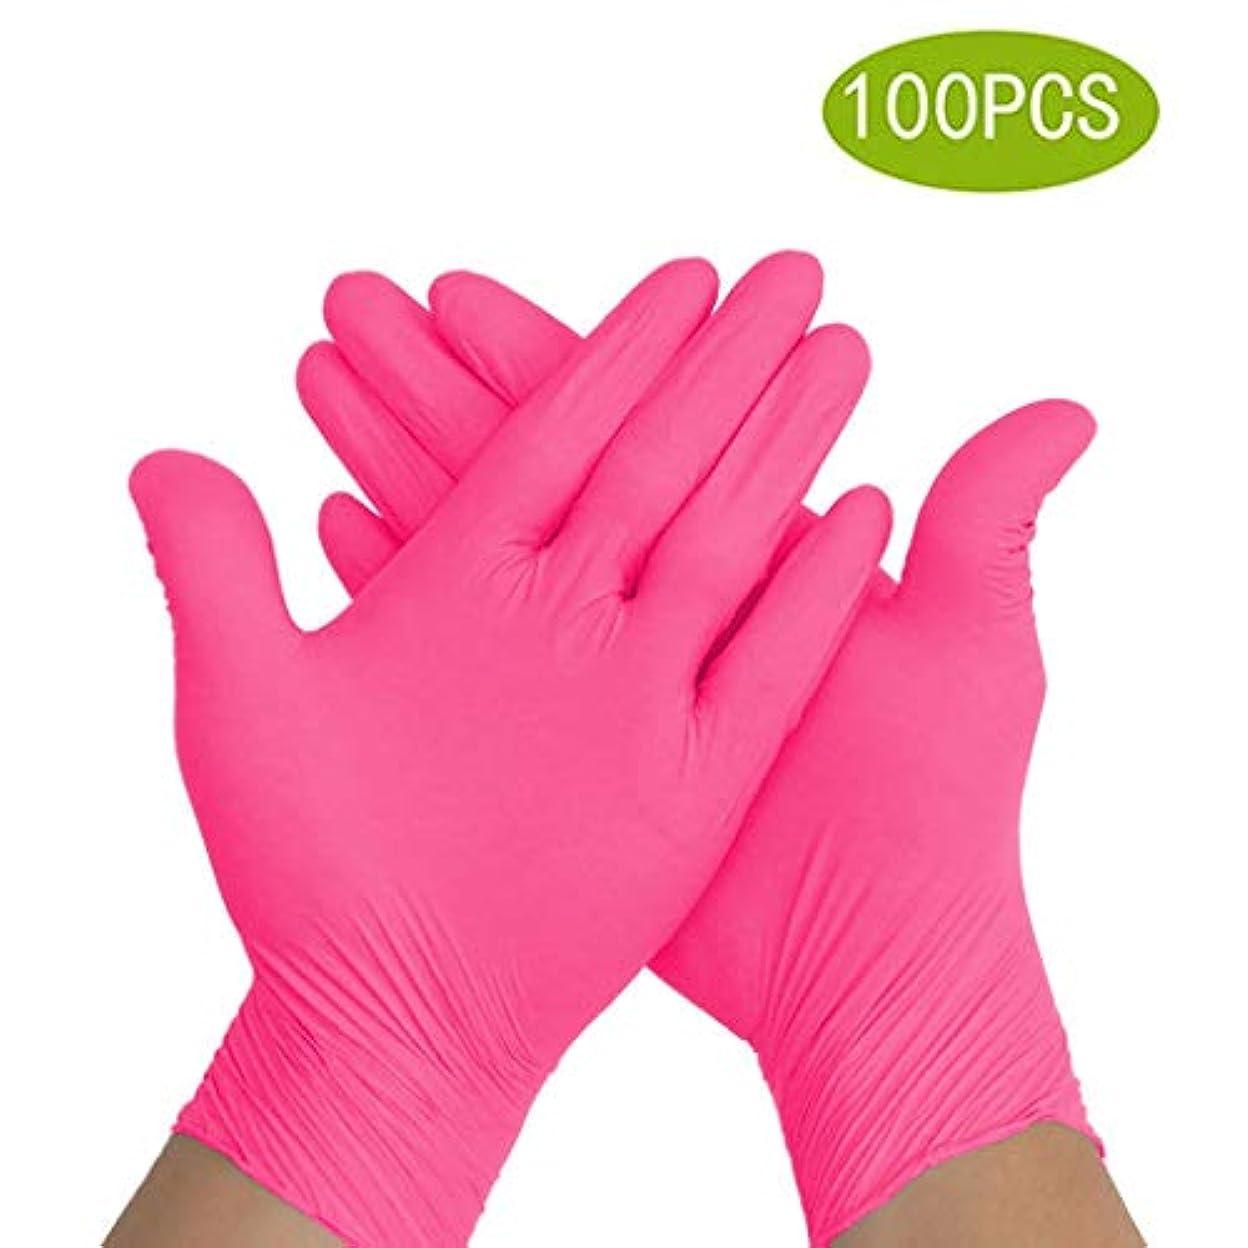 広告主流産式ニトリル使い捨て手袋、パウダーフリーのレッドビューティーサロンタトゥー、食品用手袋、ラテックスフリー、100個ディスペンサーパック (Size : S)